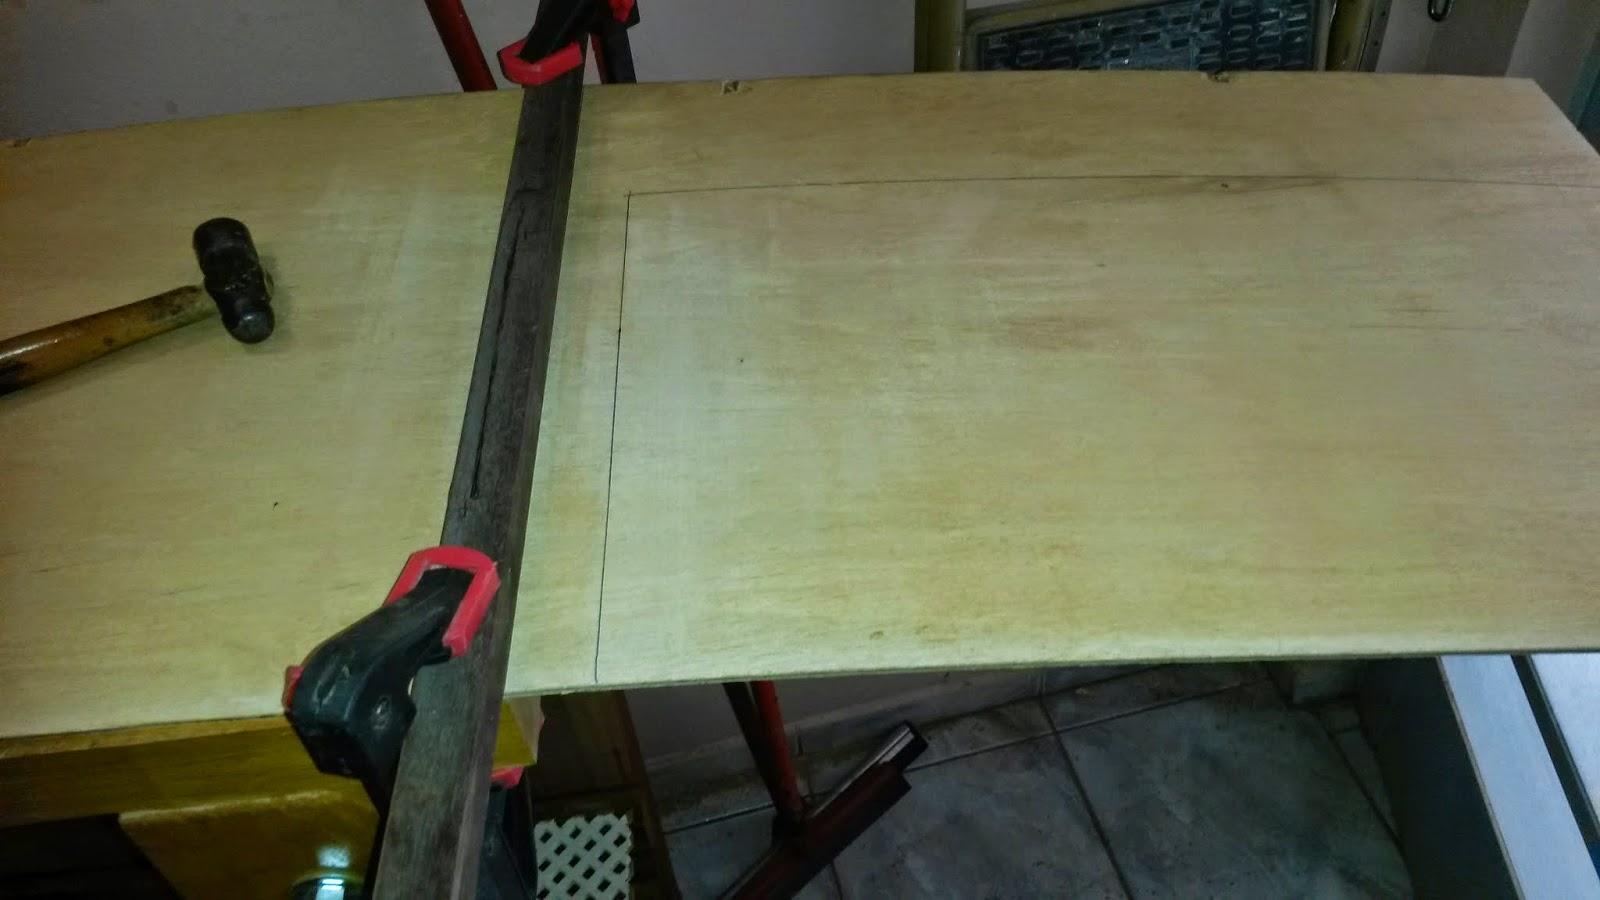 Oficina do Quintal: Como fazer uma bancada para Tupia #396892 1600x900